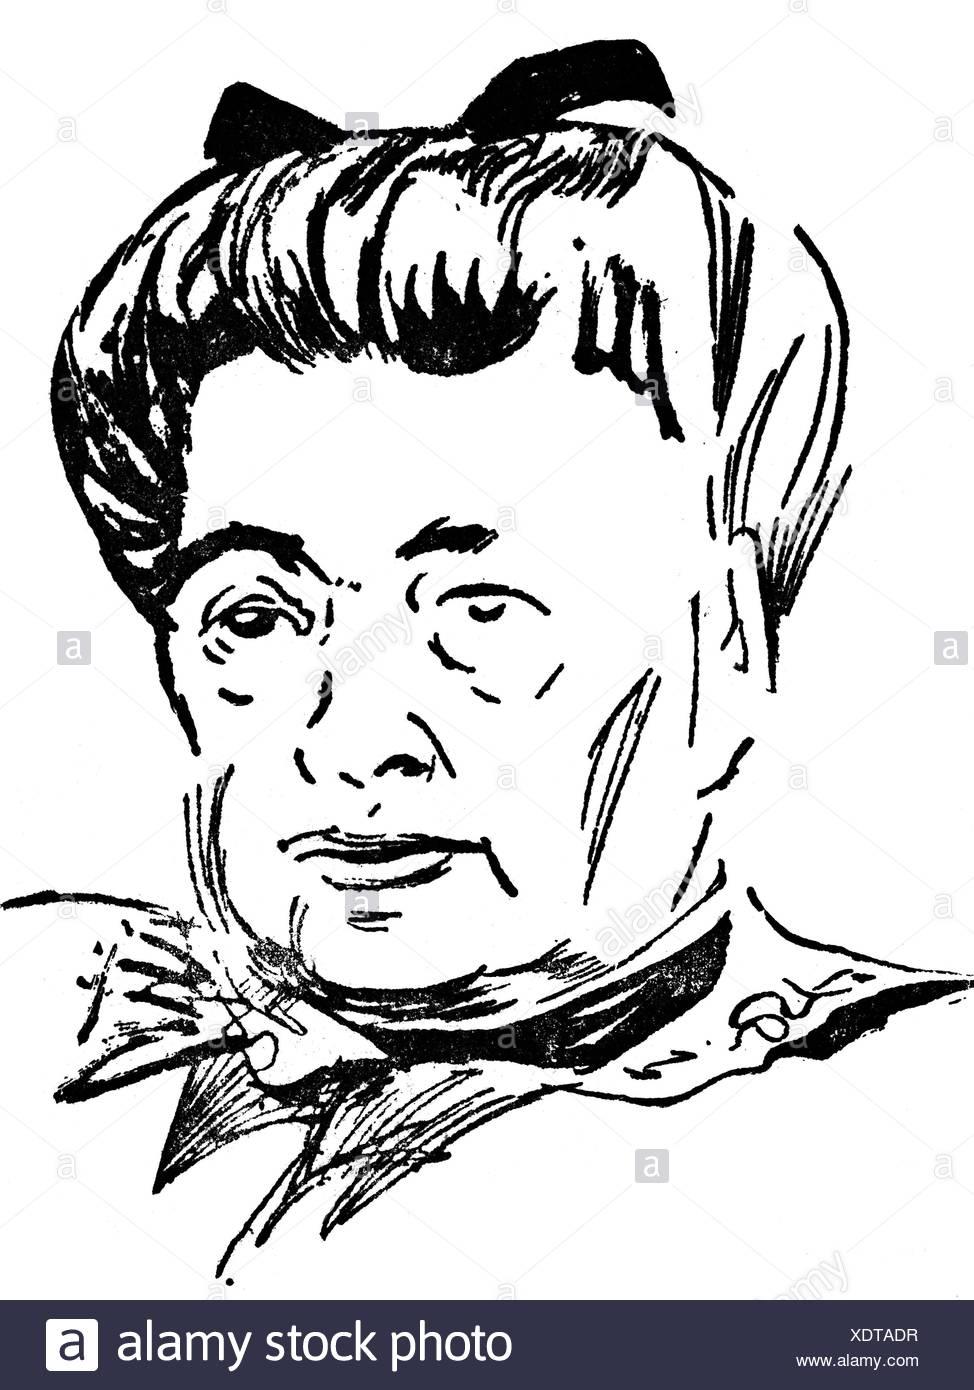 Suttner, Bertha von, 9.6.1843 - 21.6.1914, austriaco pacifista e scrittrice, ritratto, disegno di Conny, 1948, Additional-Rights-giochi-NA Immagini Stock